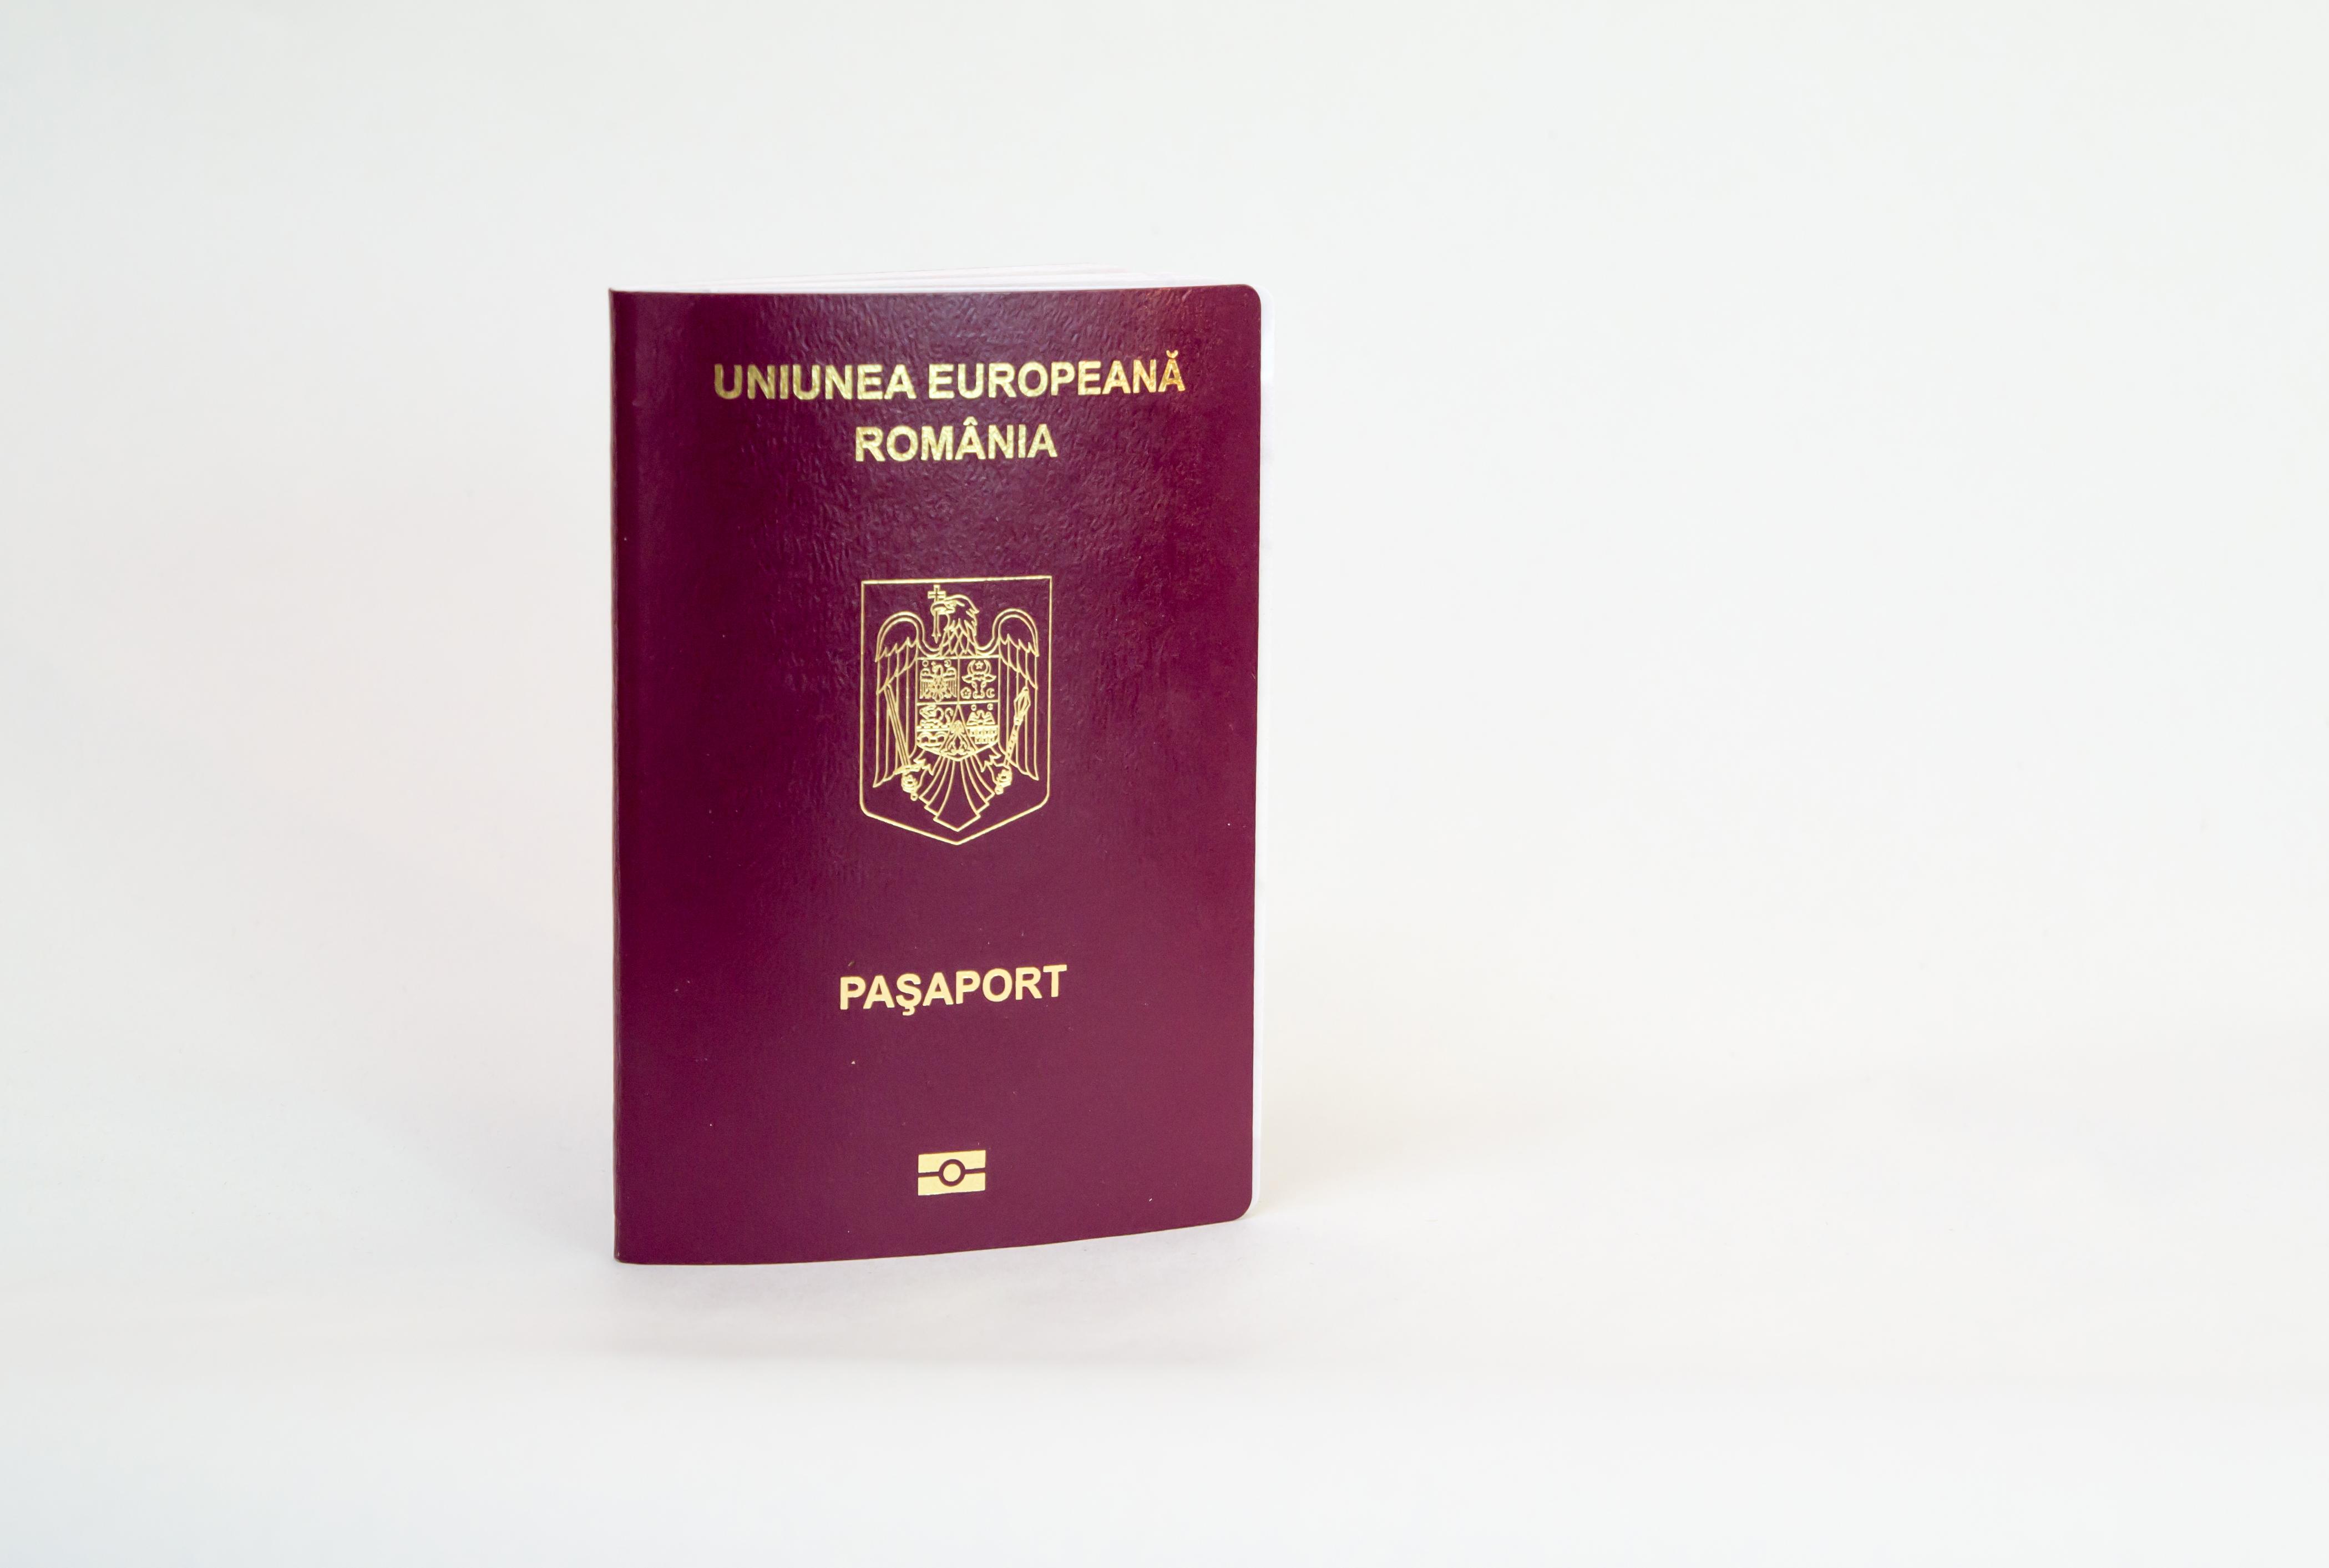 Паспорт Румынии, присягу которой надо сдавать для получения гражданства